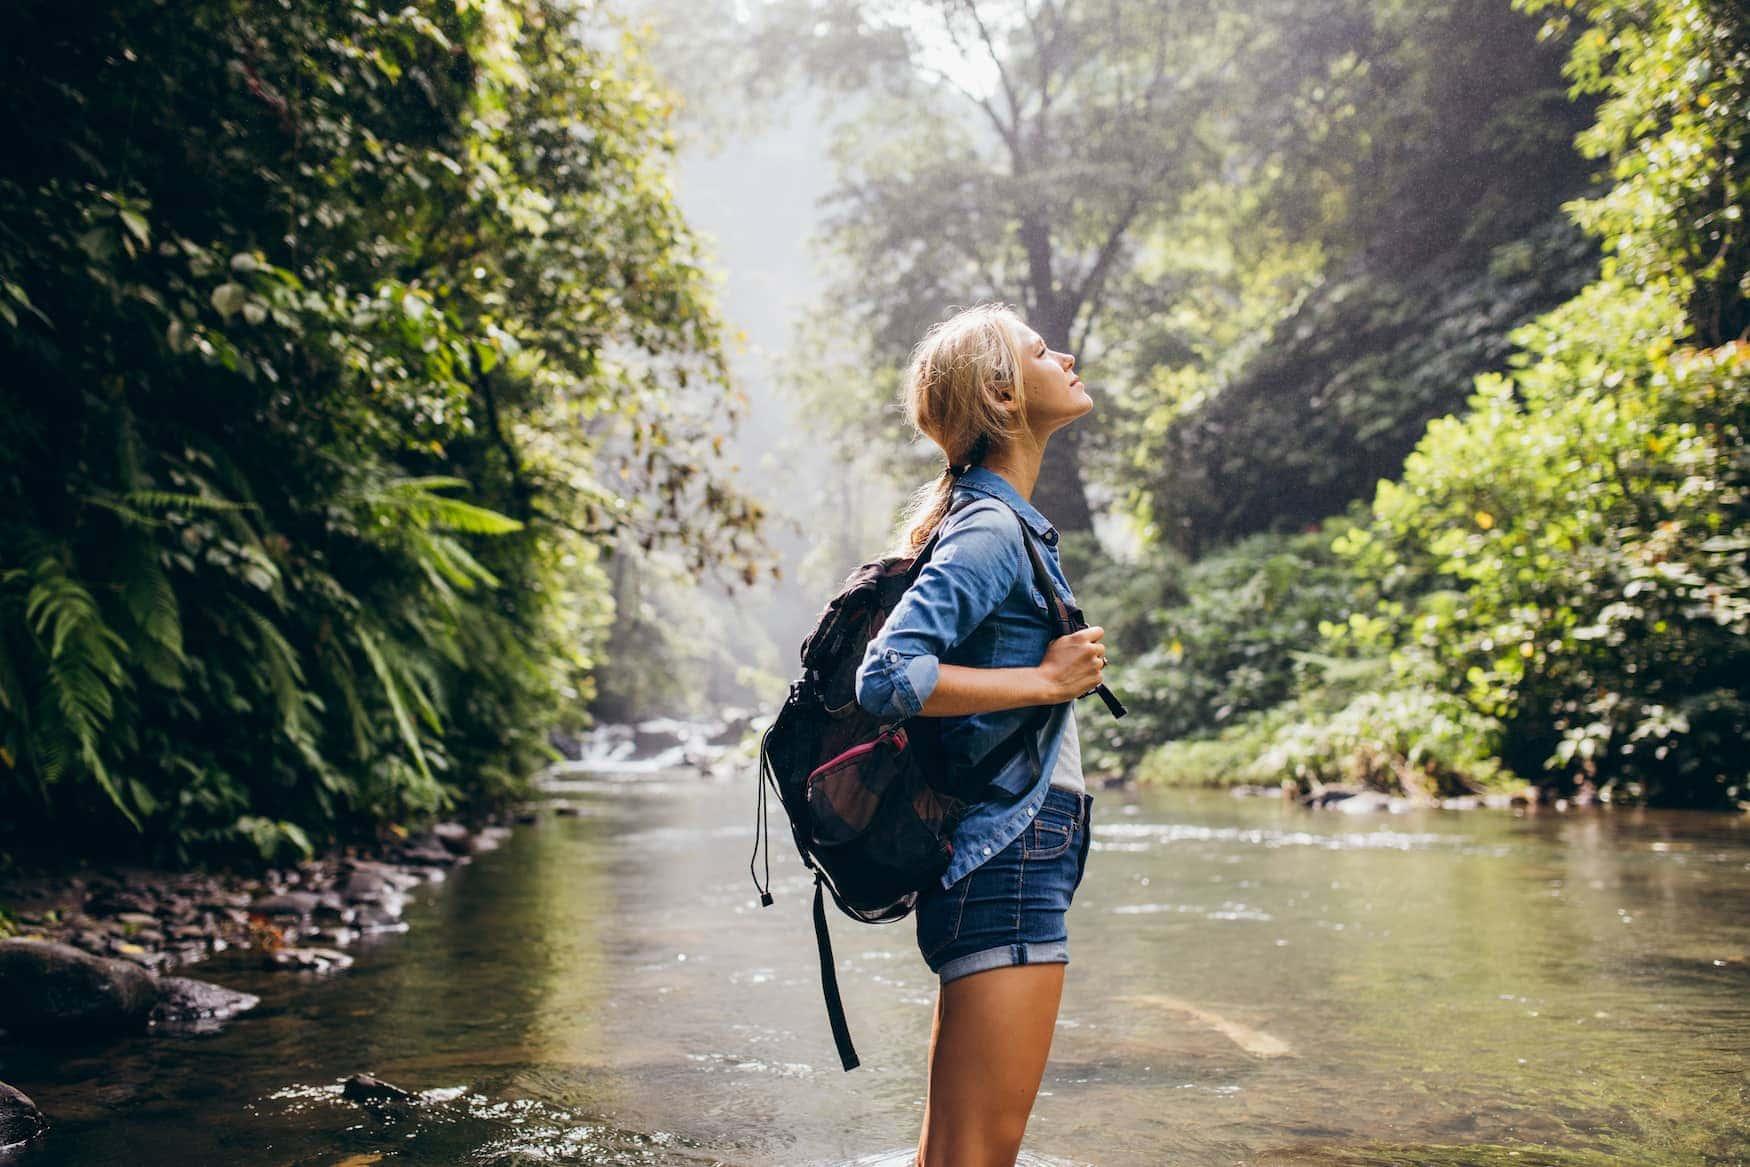 Junge Wanderin in einem Wald